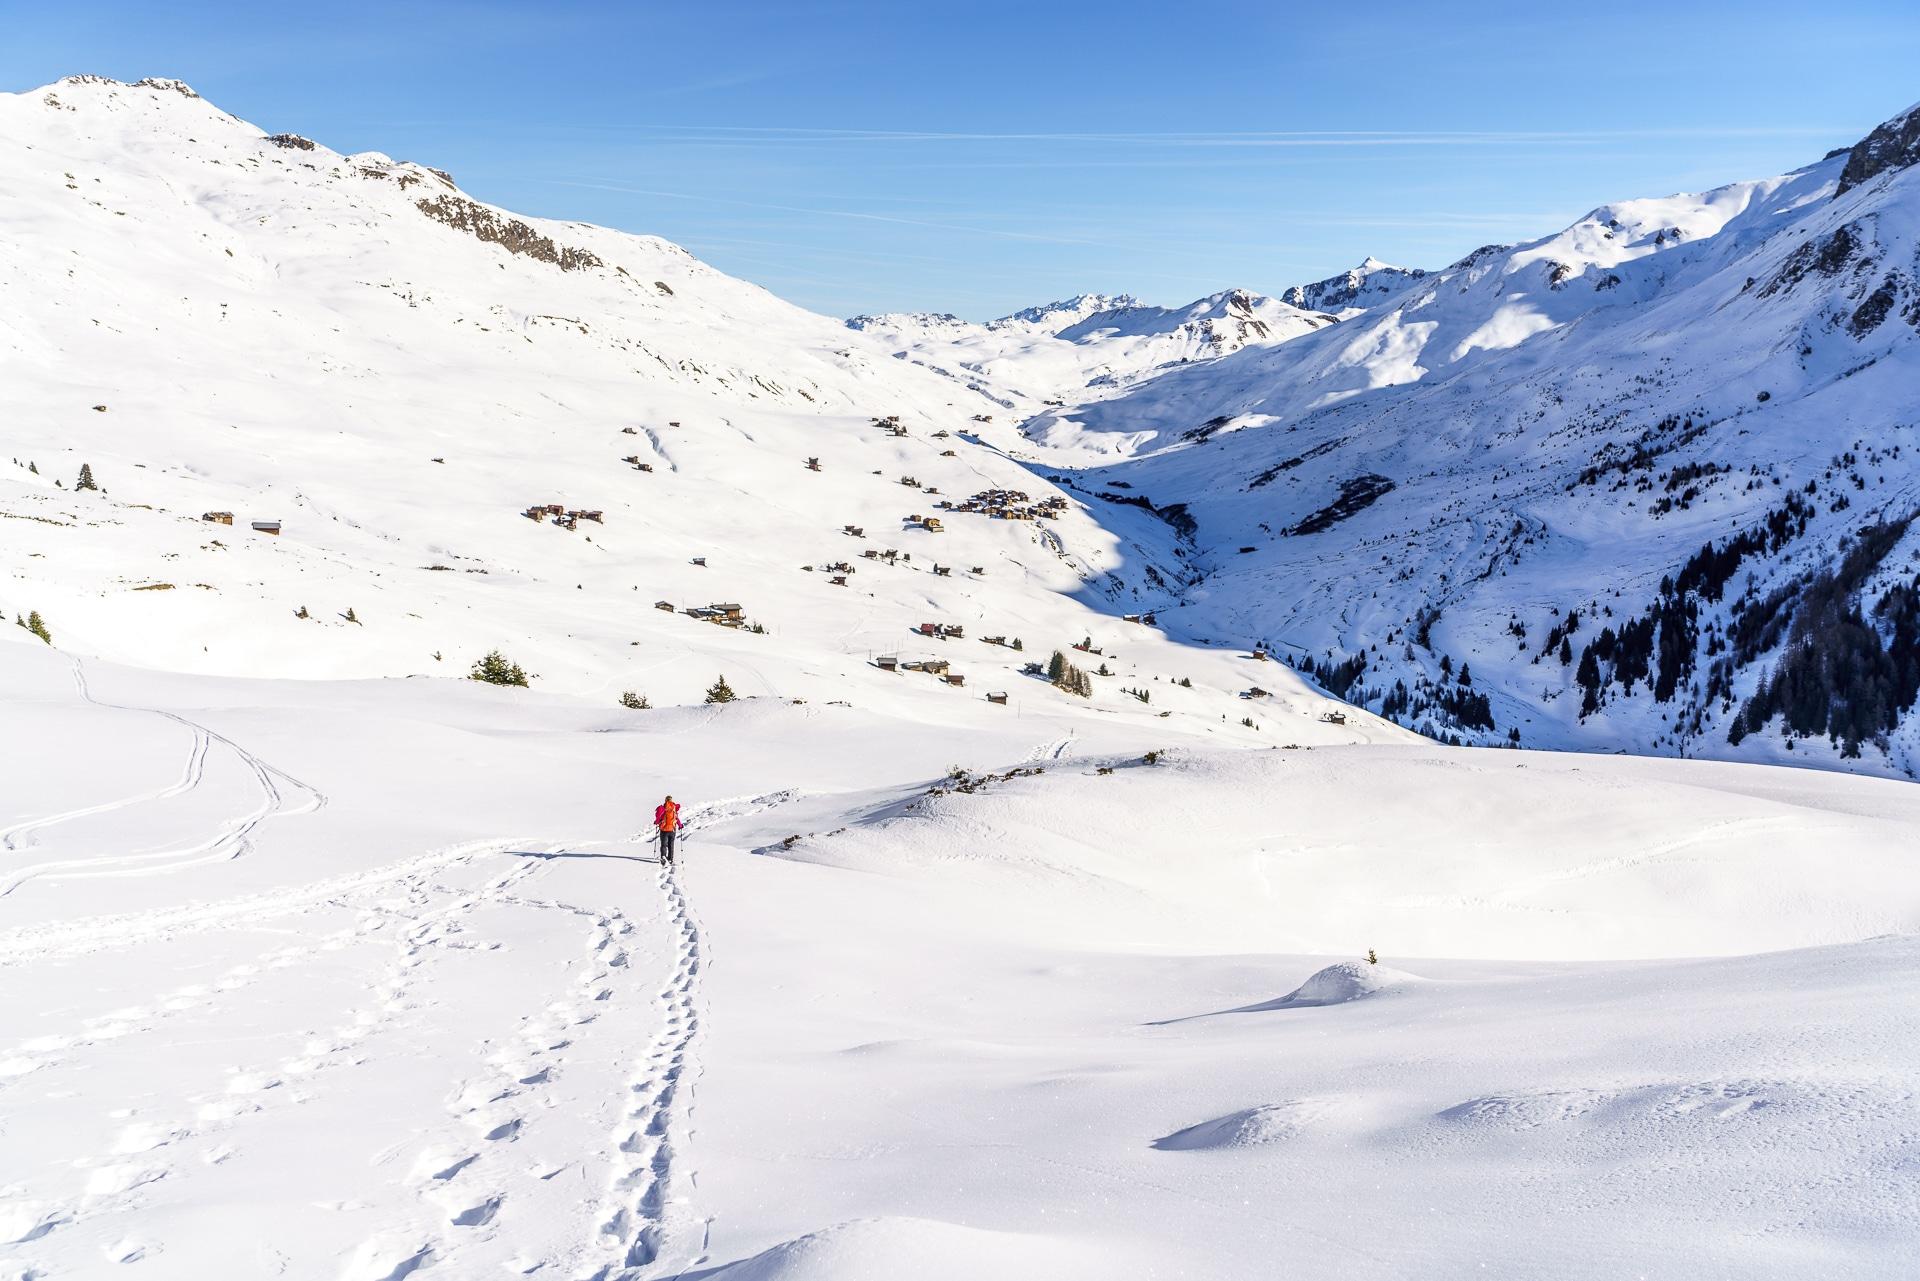 Fondei Schneeschuhtour